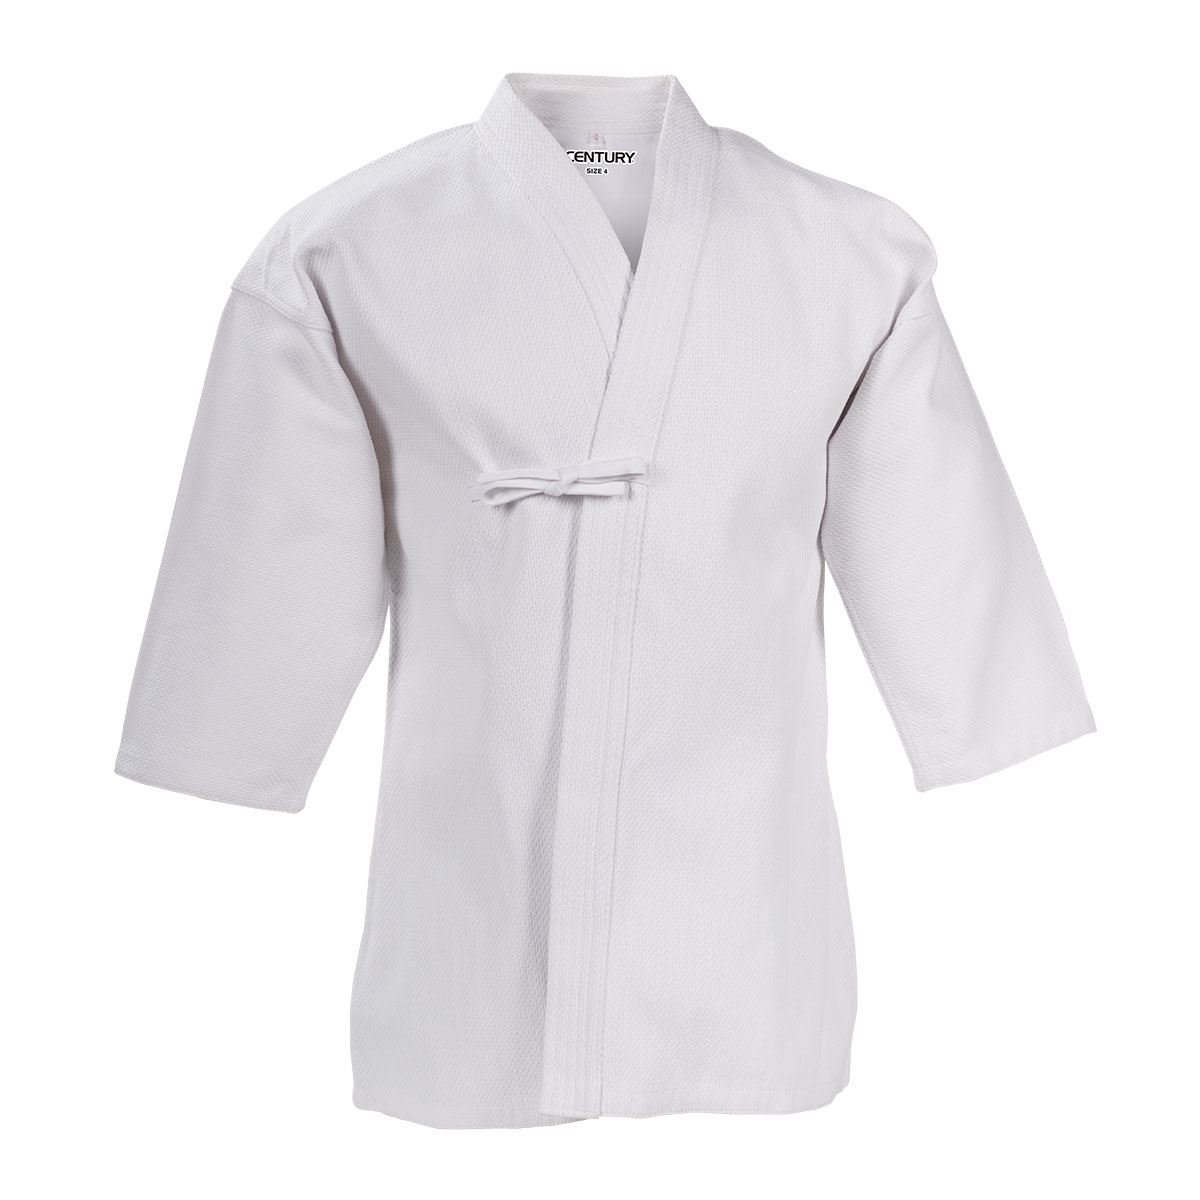 Century Keikogi Martial Arts Karate Top Jacket by Century